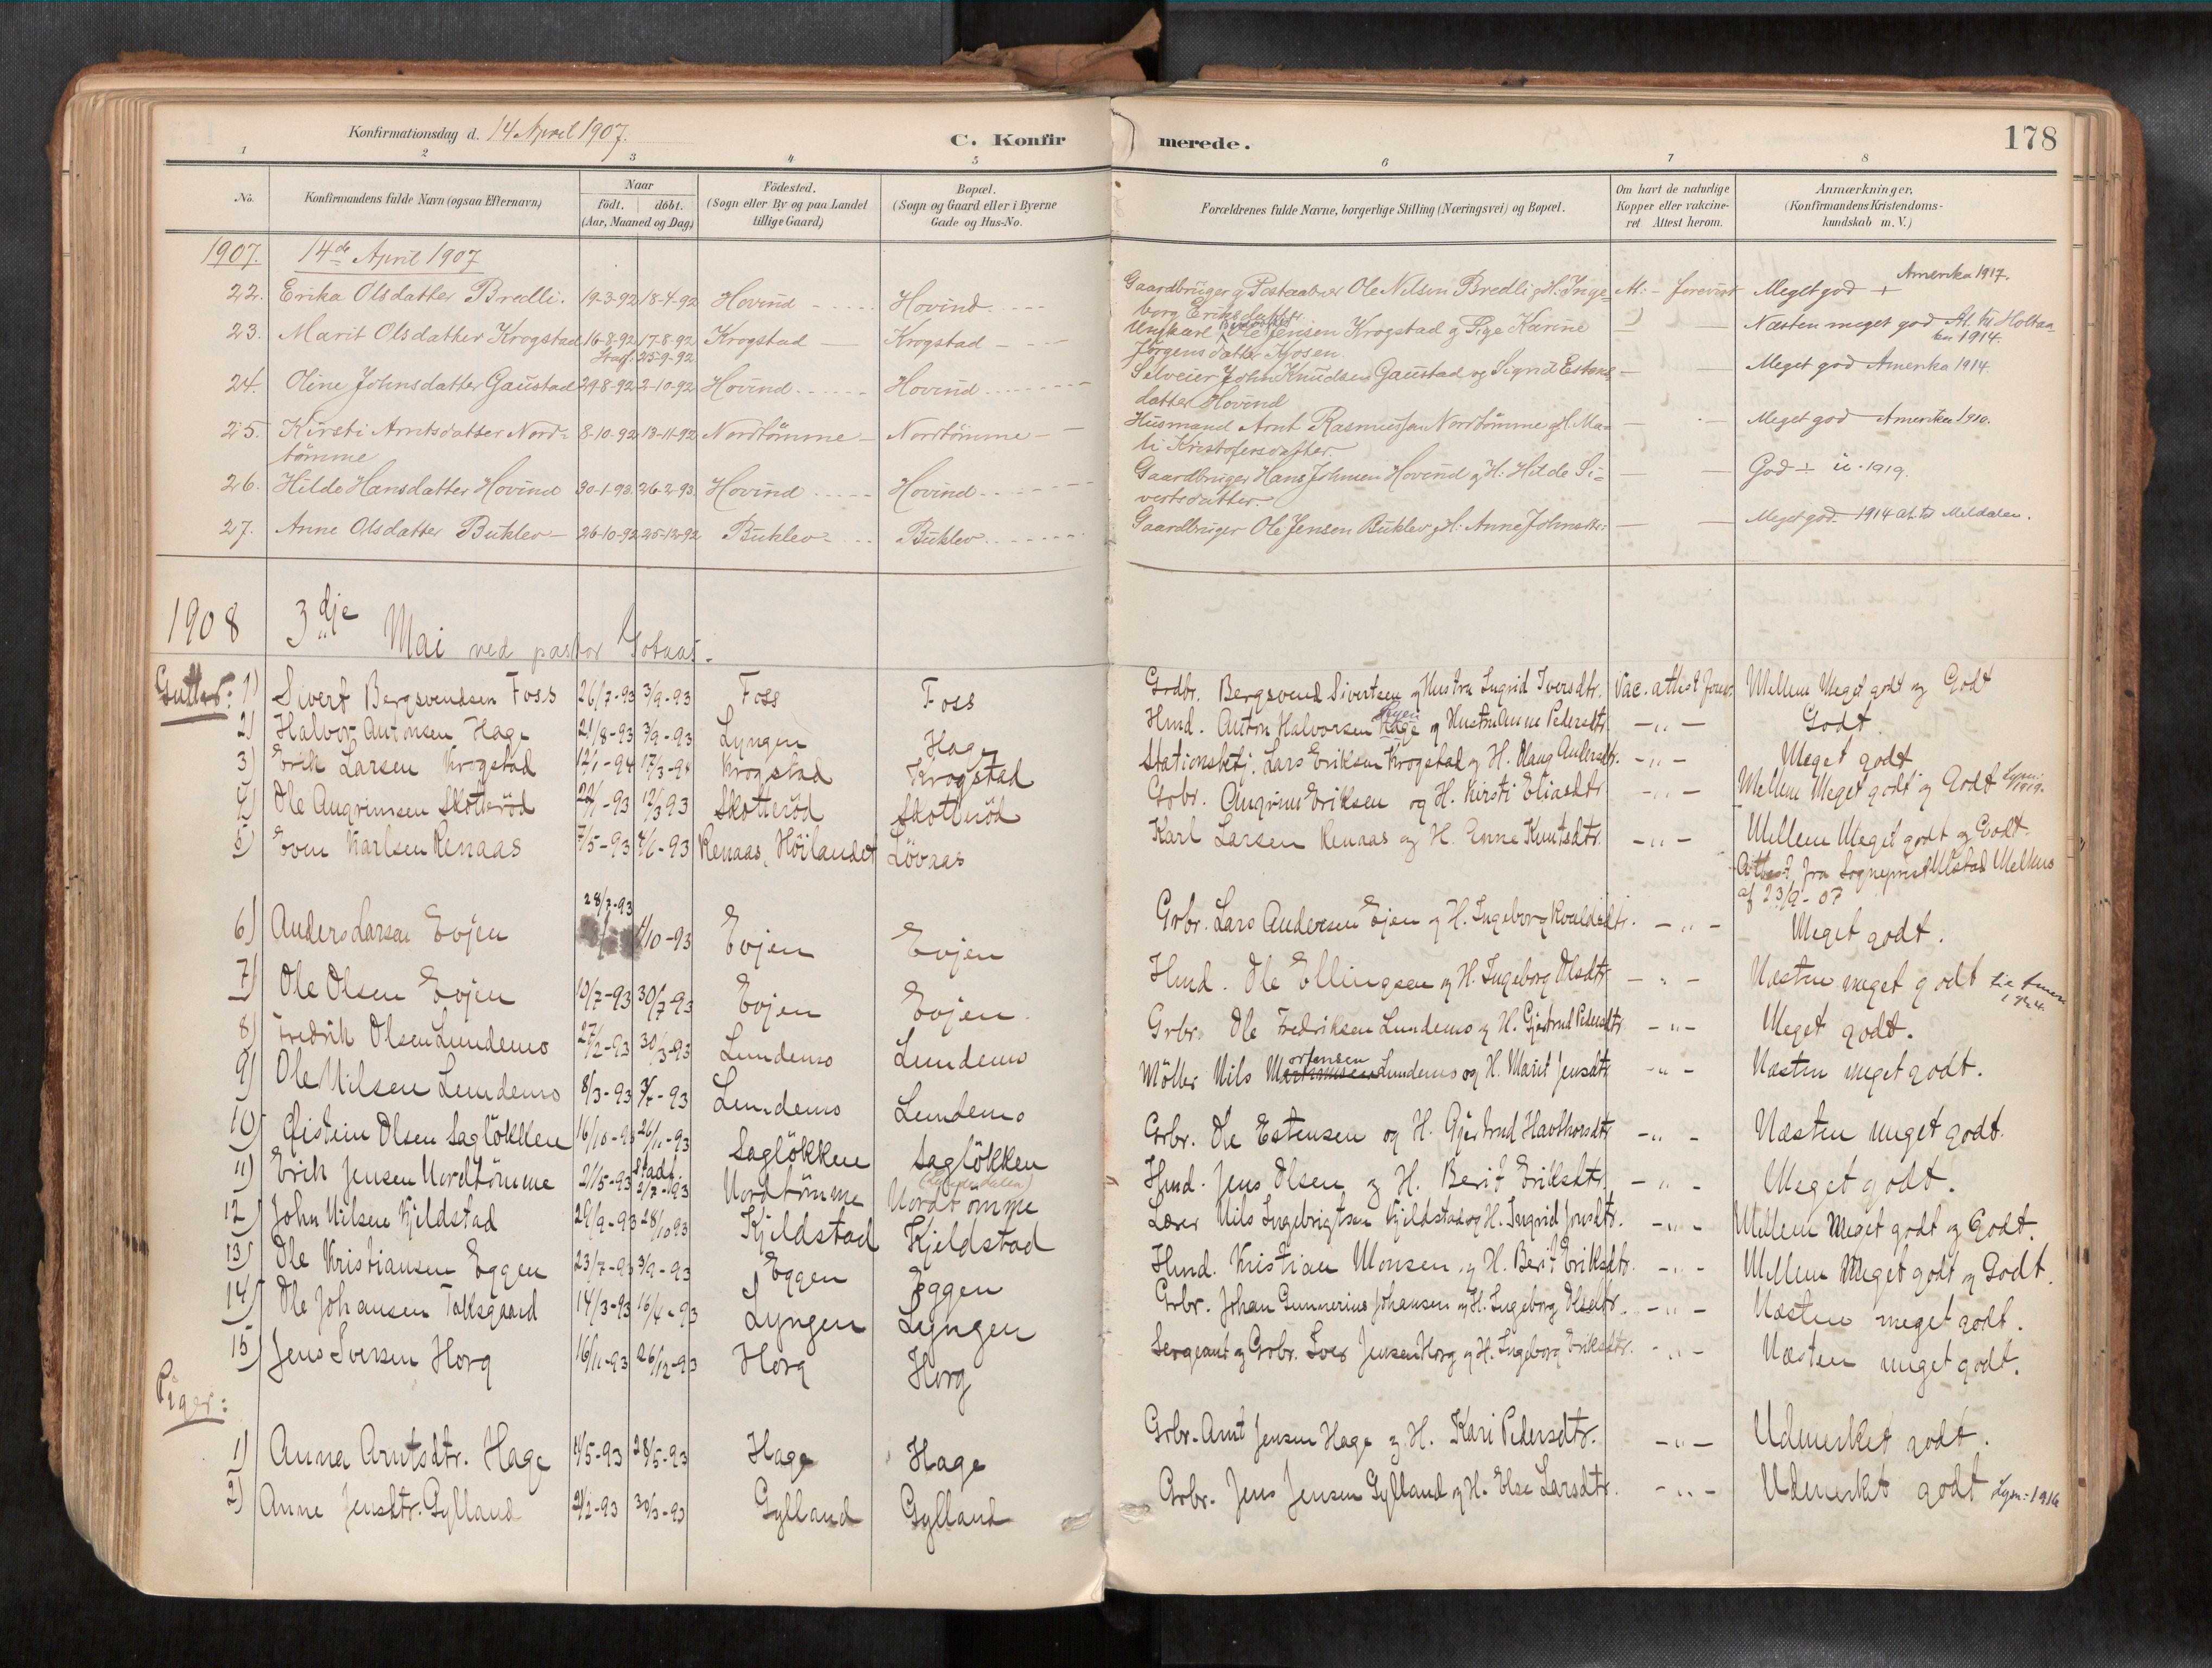 SAT, Ministerialprotokoller, klokkerbøker og fødselsregistre - Sør-Trøndelag, 692/L1105b: Ministerialbok nr. 692A06, 1891-1934, s. 178